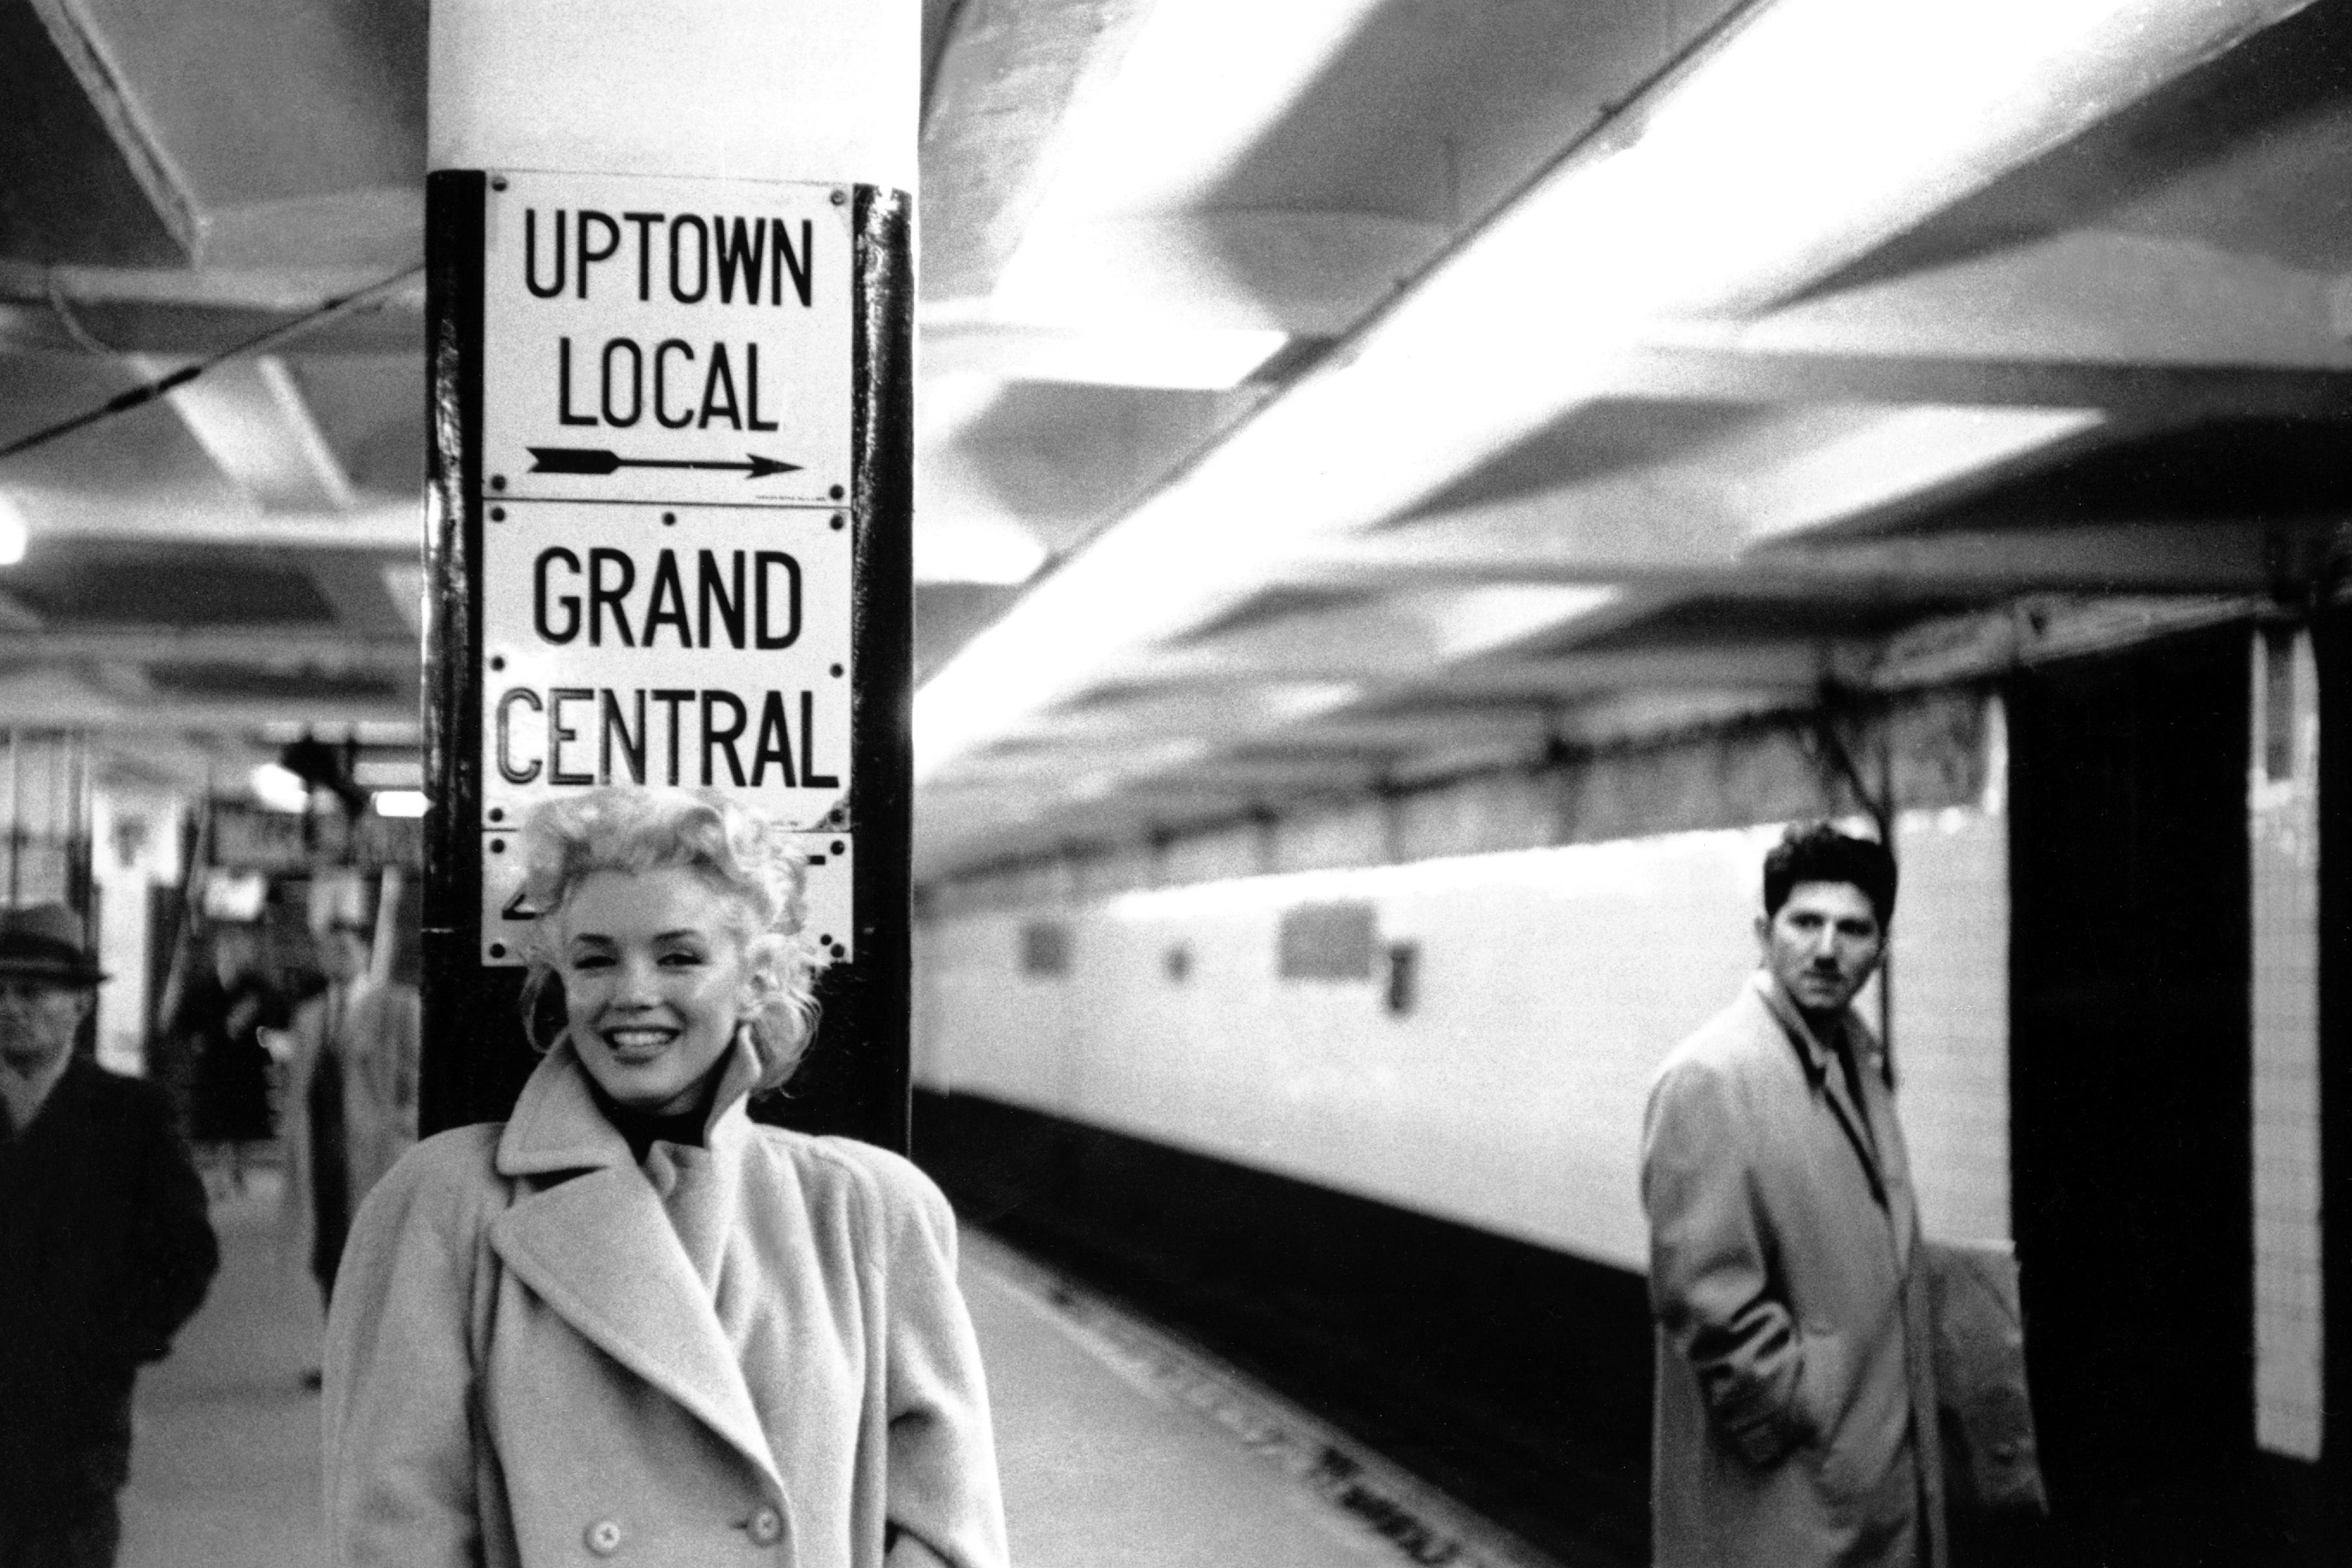 Jeho rukopisem se staly fotografie focené bez použití blesku pořízené ve světelně velmi chabých, složitých podmínkách. Marilyn pózující ve stanici metra Grand Central Station.